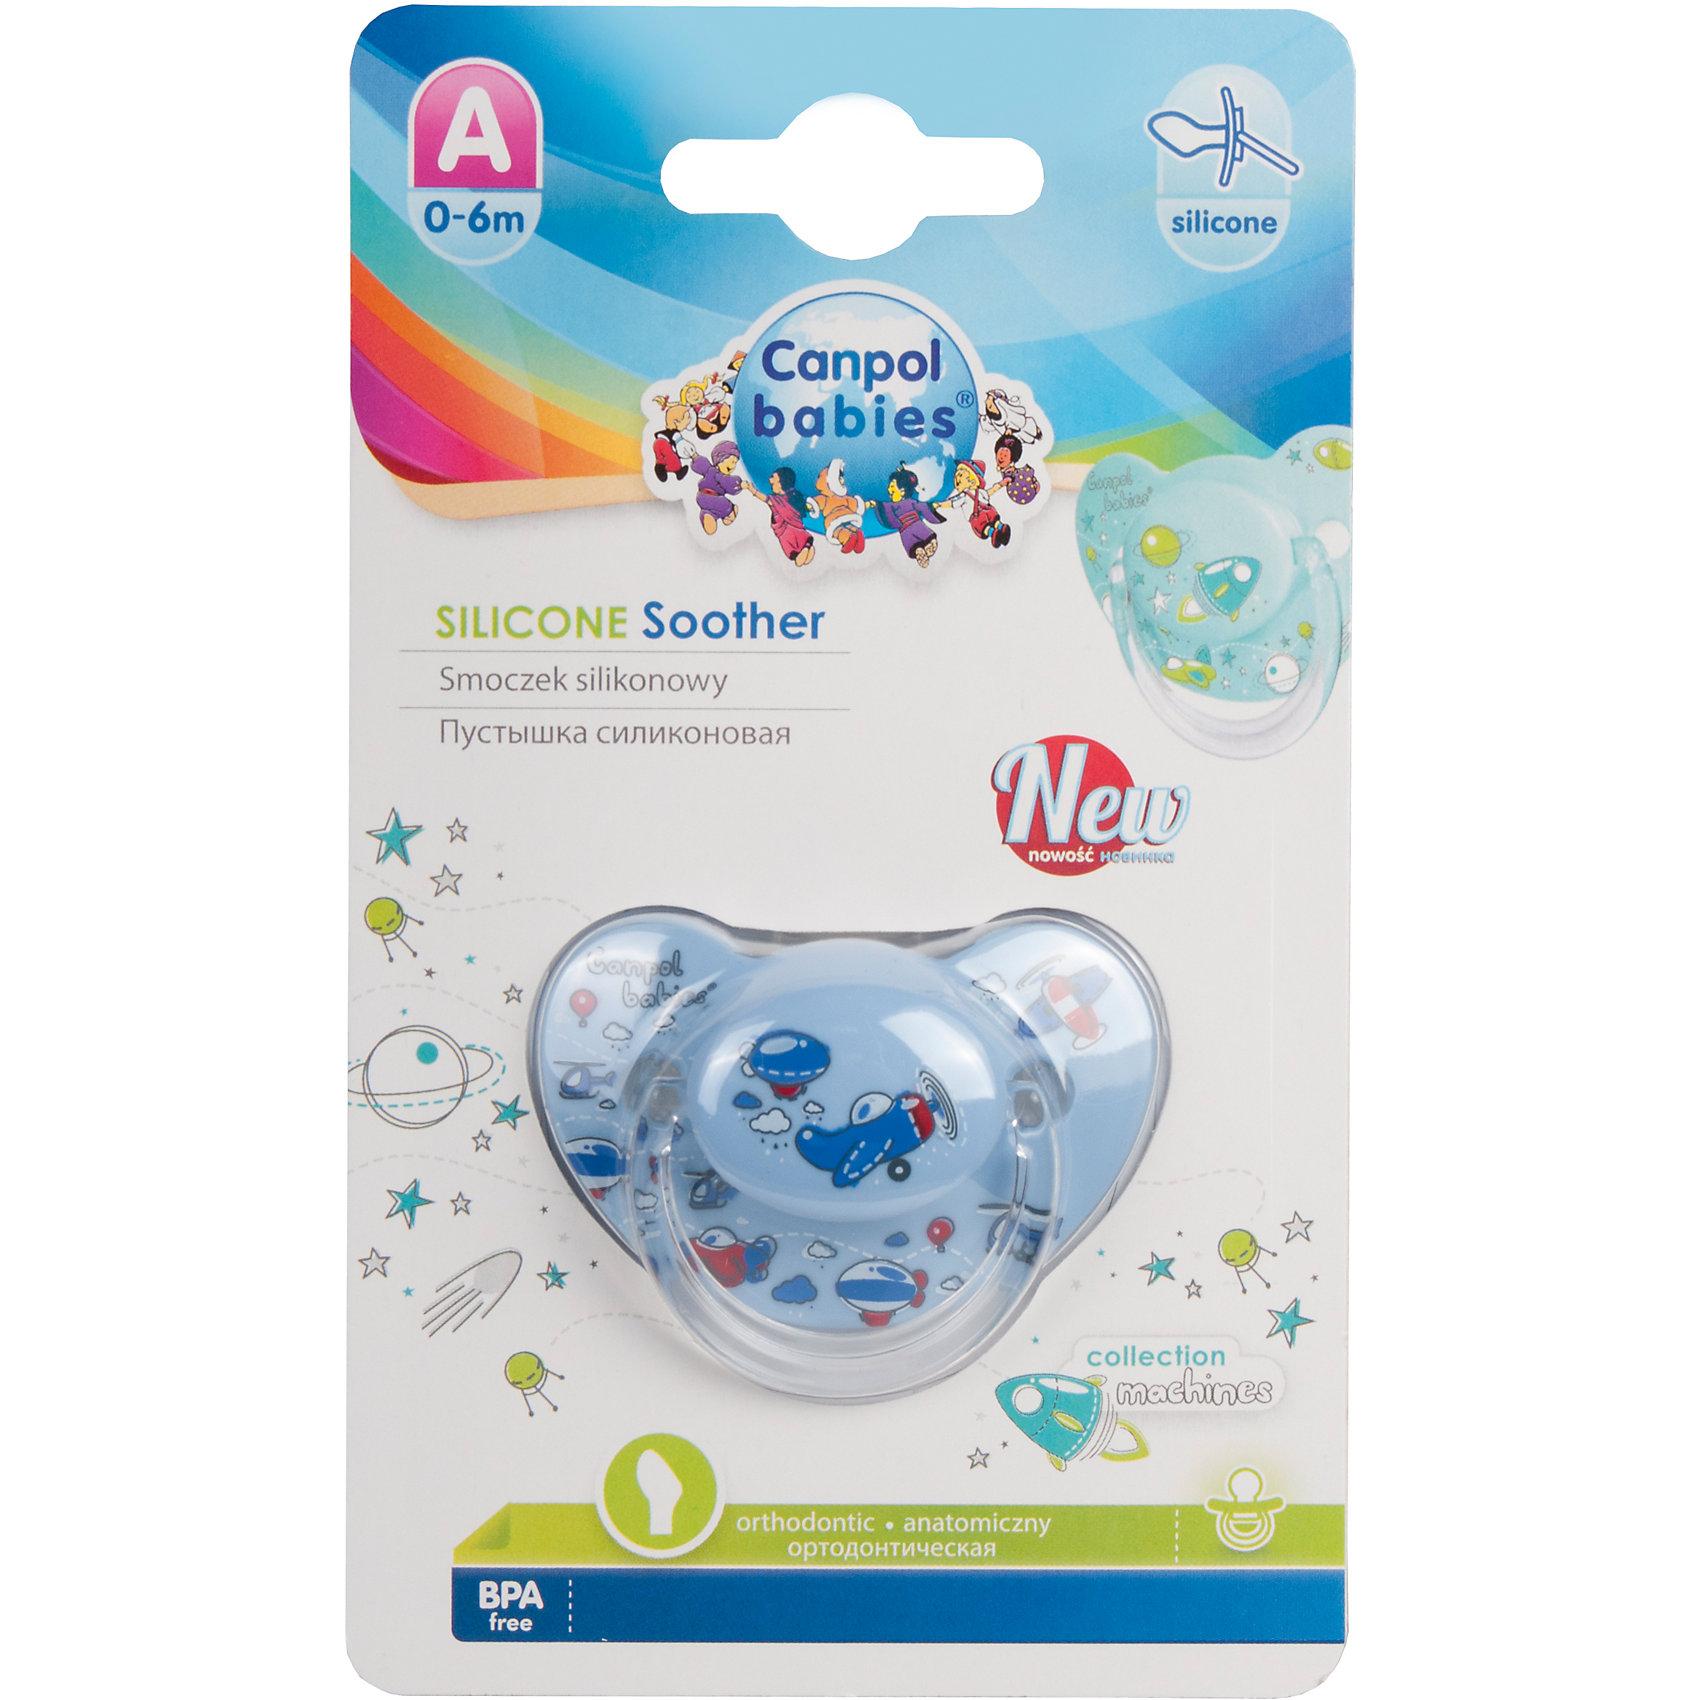 Пустышка анатомическая силиконовая, 0-6 Machines, Canpol Babies, голубойПустышки из силикона<br>Характеристики:<br><br>• Наименование: пустышка<br>• Пол: для мальчика<br>• Материал: силикон, пластик<br>• Цвет: голубой, синий, красный<br>• Форма: анатомическая<br>• Наличие отверстий для вентиляции<br>• Наличие кольца для держателя<br>• Особенности ухода: регулярная стерилизация и своевременная замена<br><br>Пустышка анатомическая силиконовая, 0-6 Machines, Canpol Babies, голубой имеет специальную форму, которая обеспечивает правильное давление на небо. Изготовлена из запатентованного вида силикона, который не имеет запаха. При правильном уходе обеспечивает длительное использование. У соски имеется классический ограничитель с отверстиями для вентиляции и кольцо для держателя. Пустышка анатомическая силиконовая, 0-6 Machines, Canpol Babies, голубой выполнена в ярком дизайне с изображением воздушного транспорта.<br><br>Пустышку анатомическую силиконовую, 0-6 Machines, Canpol Babies, голубую можно купить в нашем интернет-магазине.<br><br>Ширина мм: 95<br>Глубина мм: 45<br>Высота мм: 155<br>Вес г: 110<br>Возраст от месяцев: 0<br>Возраст до месяцев: 6<br>Пол: Мужской<br>Возраст: Детский<br>SKU: 5156602